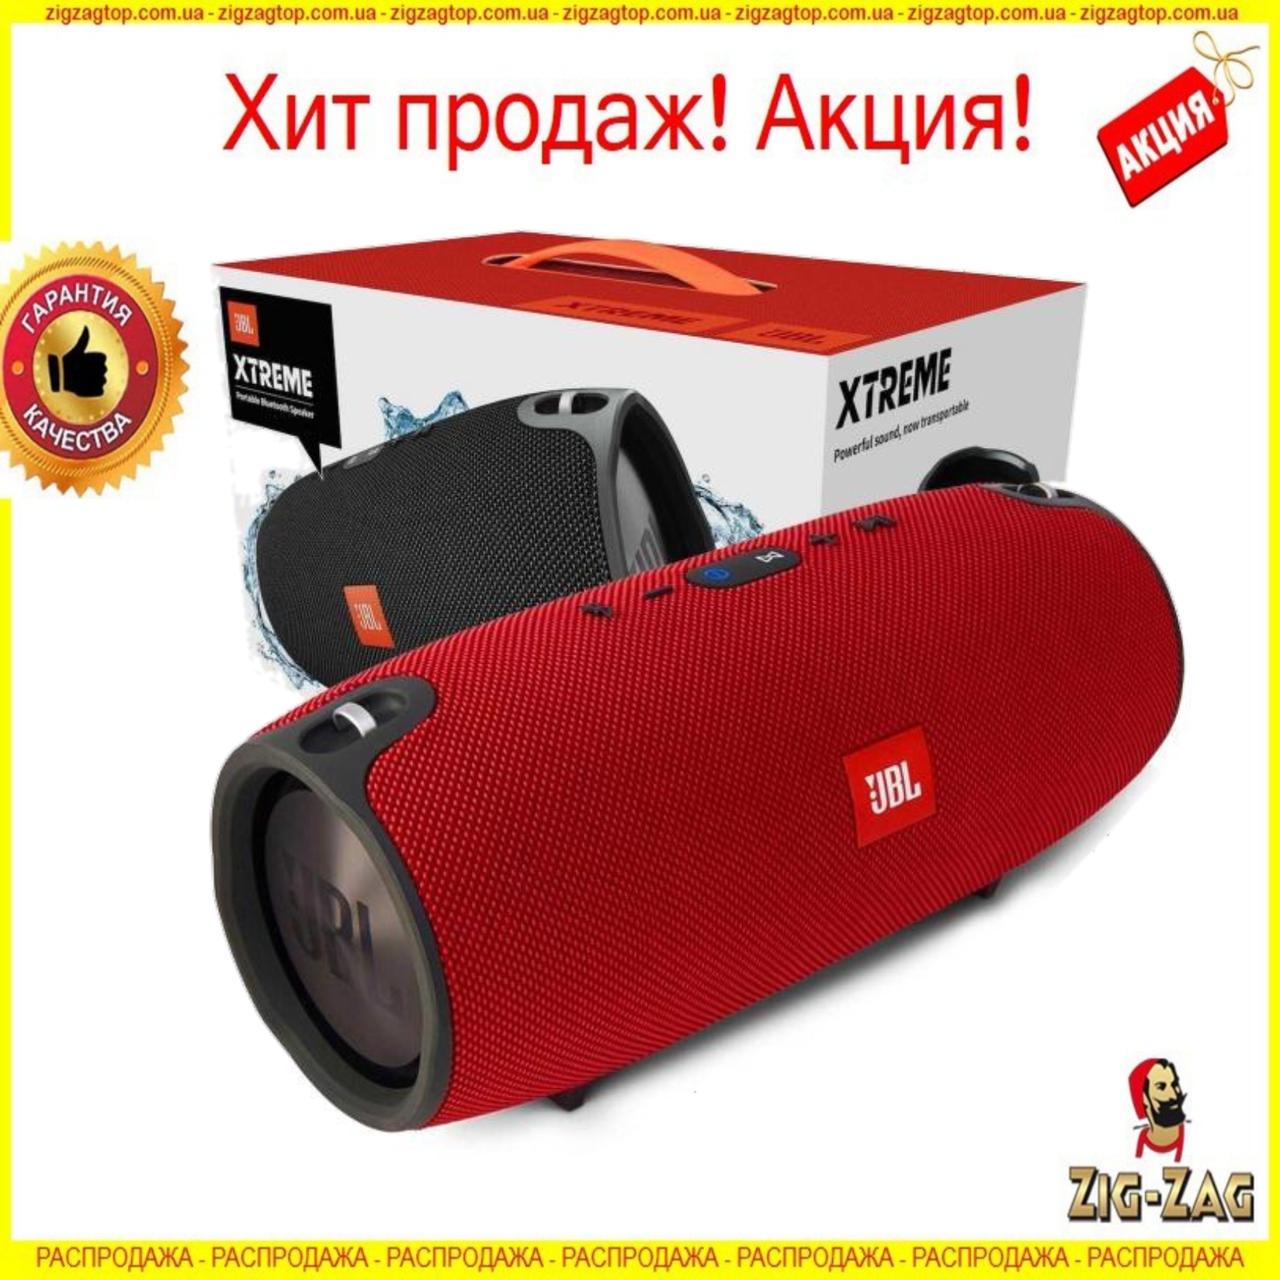 КОЛОНКА Bluetooth JBL 40ВТ Xtreme BIG 28СМ Бездротова Акустика Джбл ЧЕРВОНА Екстрим Extreme блютуз Bluetooth